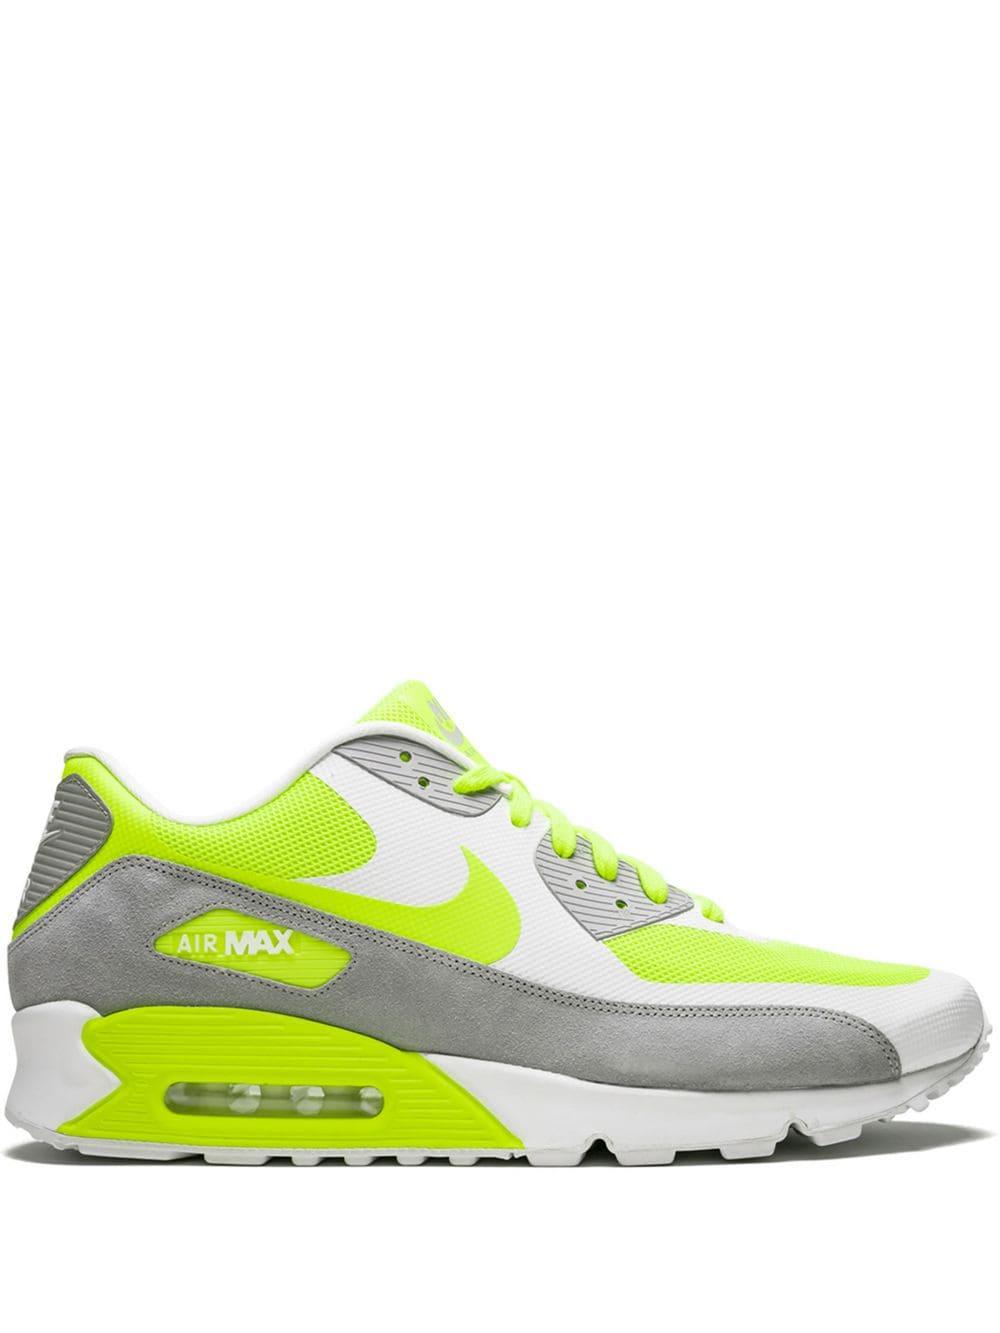 Nike Air Max 90 Premium Sneakers in 2019 | Air max 90